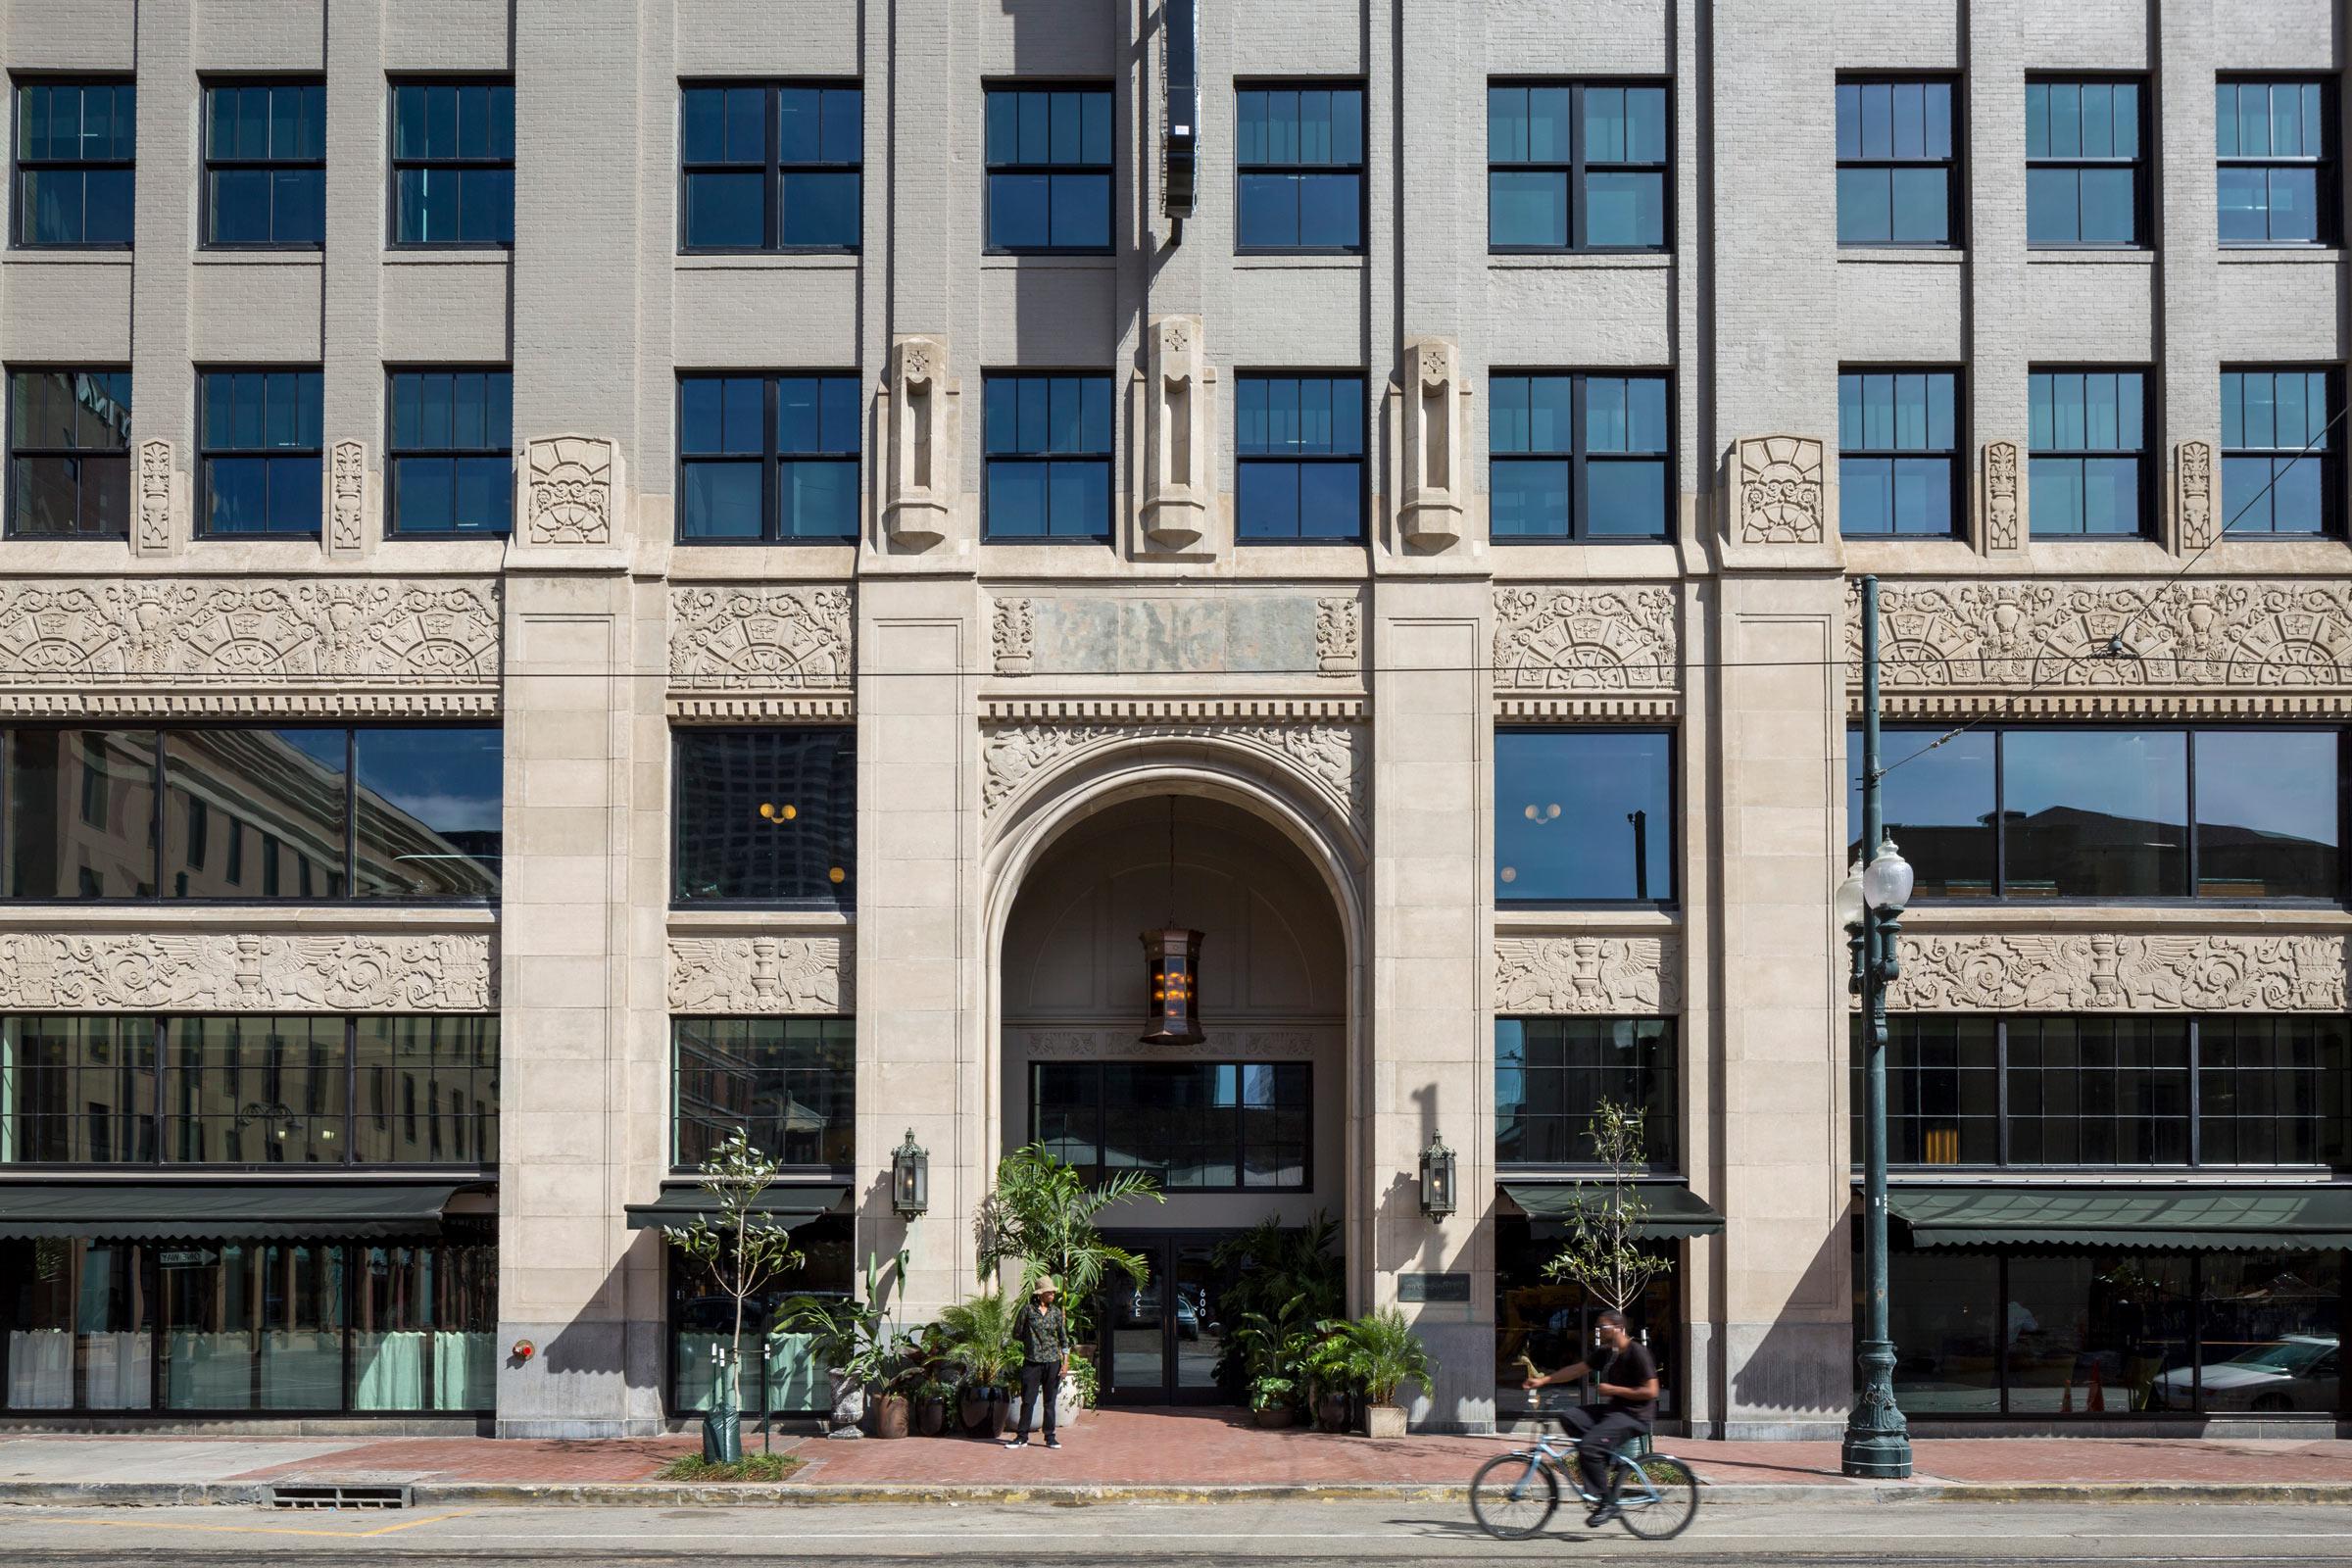 Ace-Hotel-New-Orleans_IMG_1855mcedit_Fran-Parente.jpg